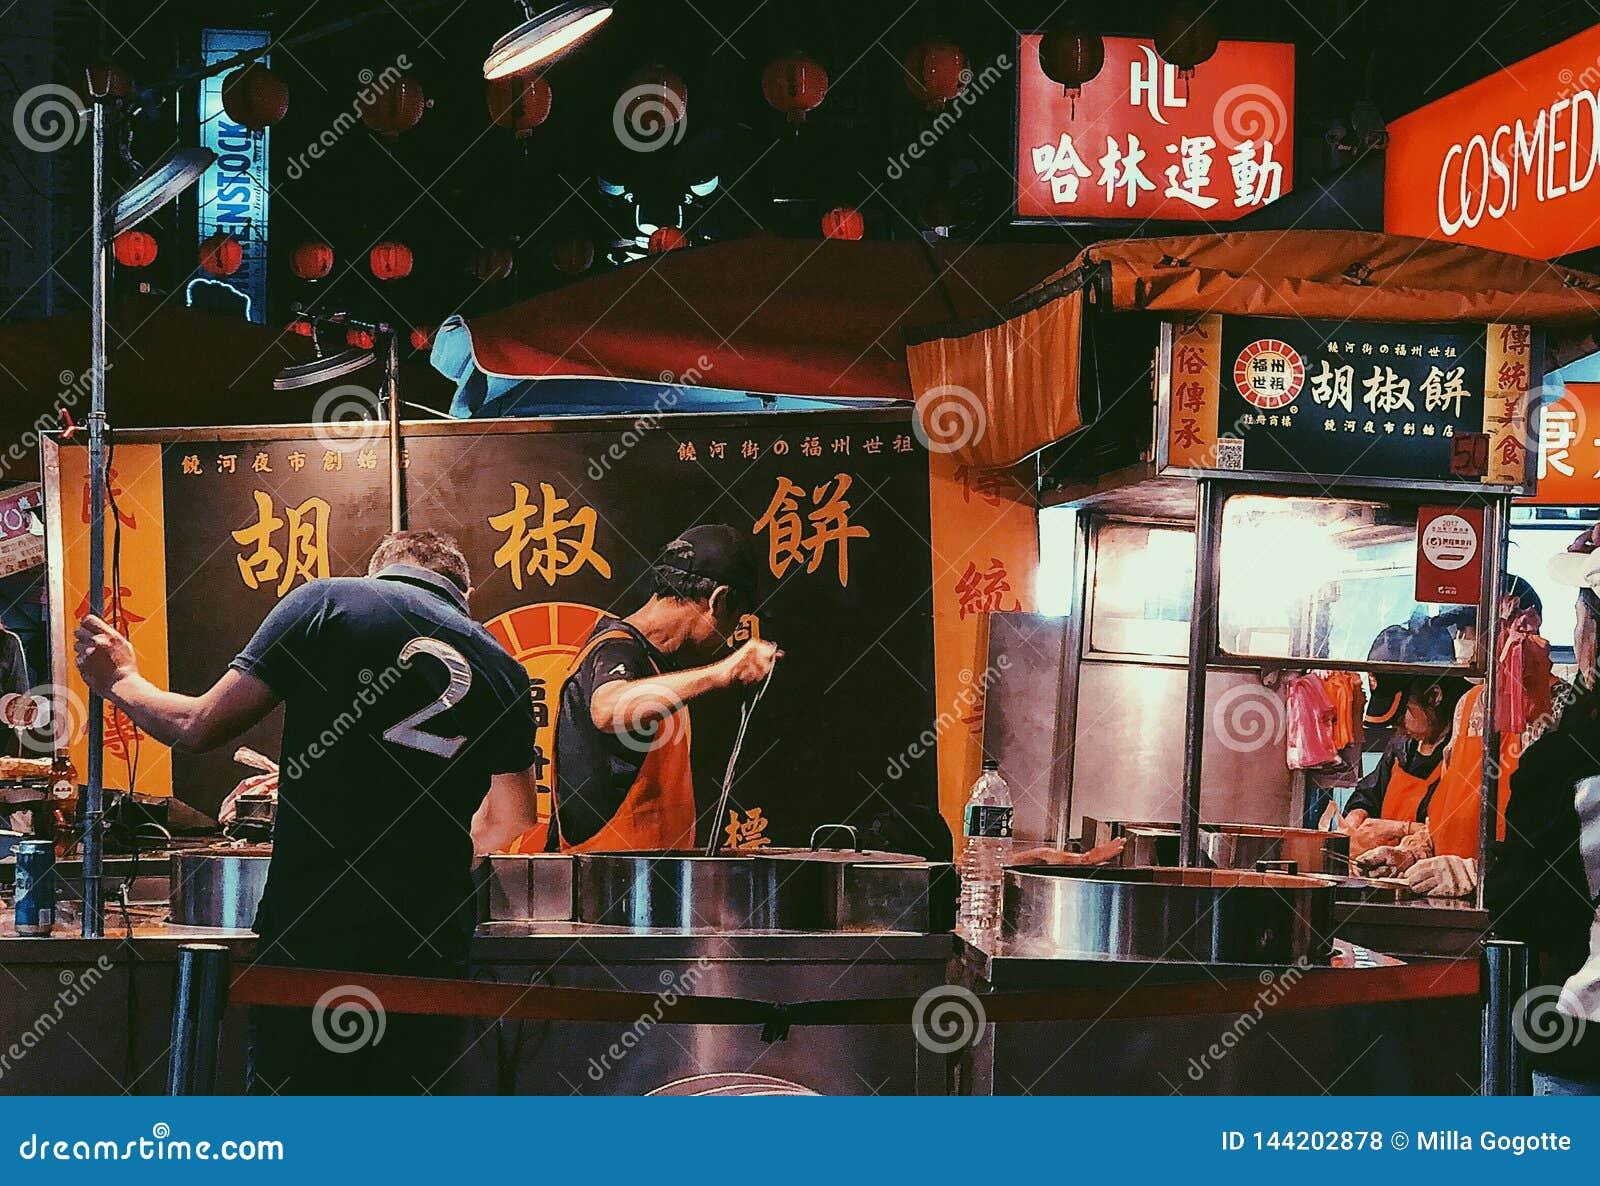 Raohe Night Market, Taipei, Taiwan